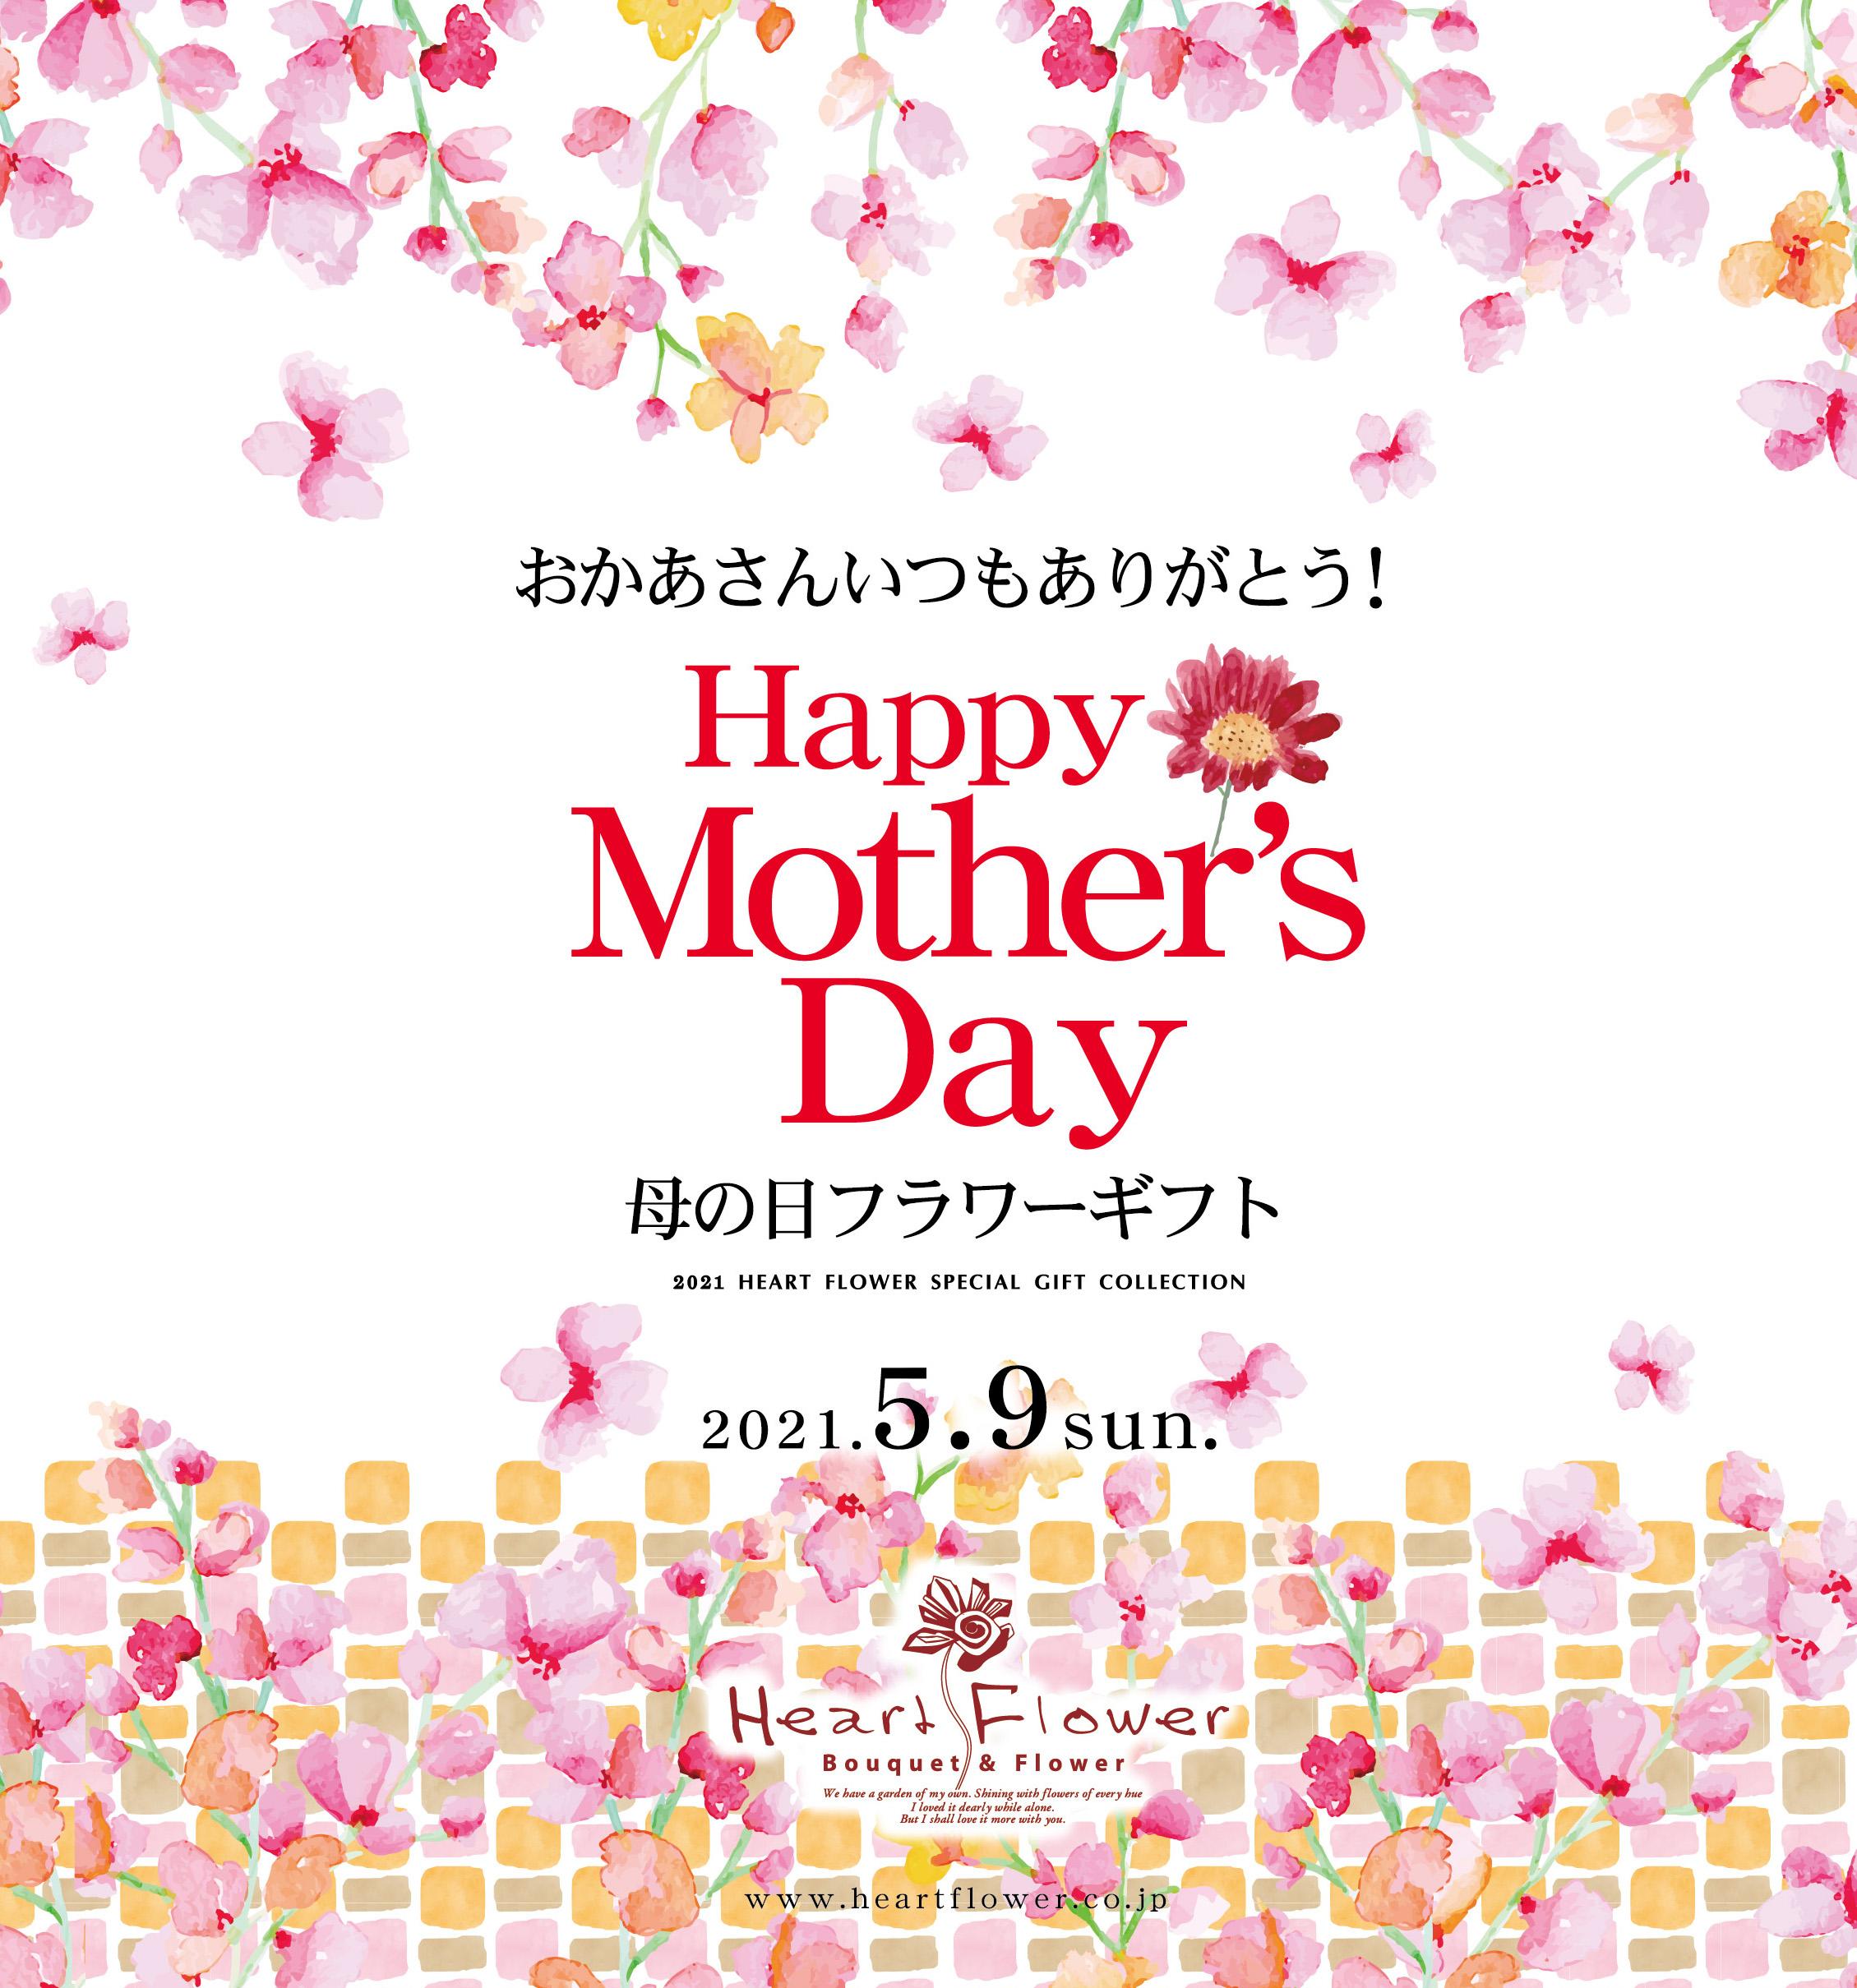 【送料無料】2021年母の日ギフト!カーネーション・あじさい・胡蝶蘭など各種ご予約受付中!